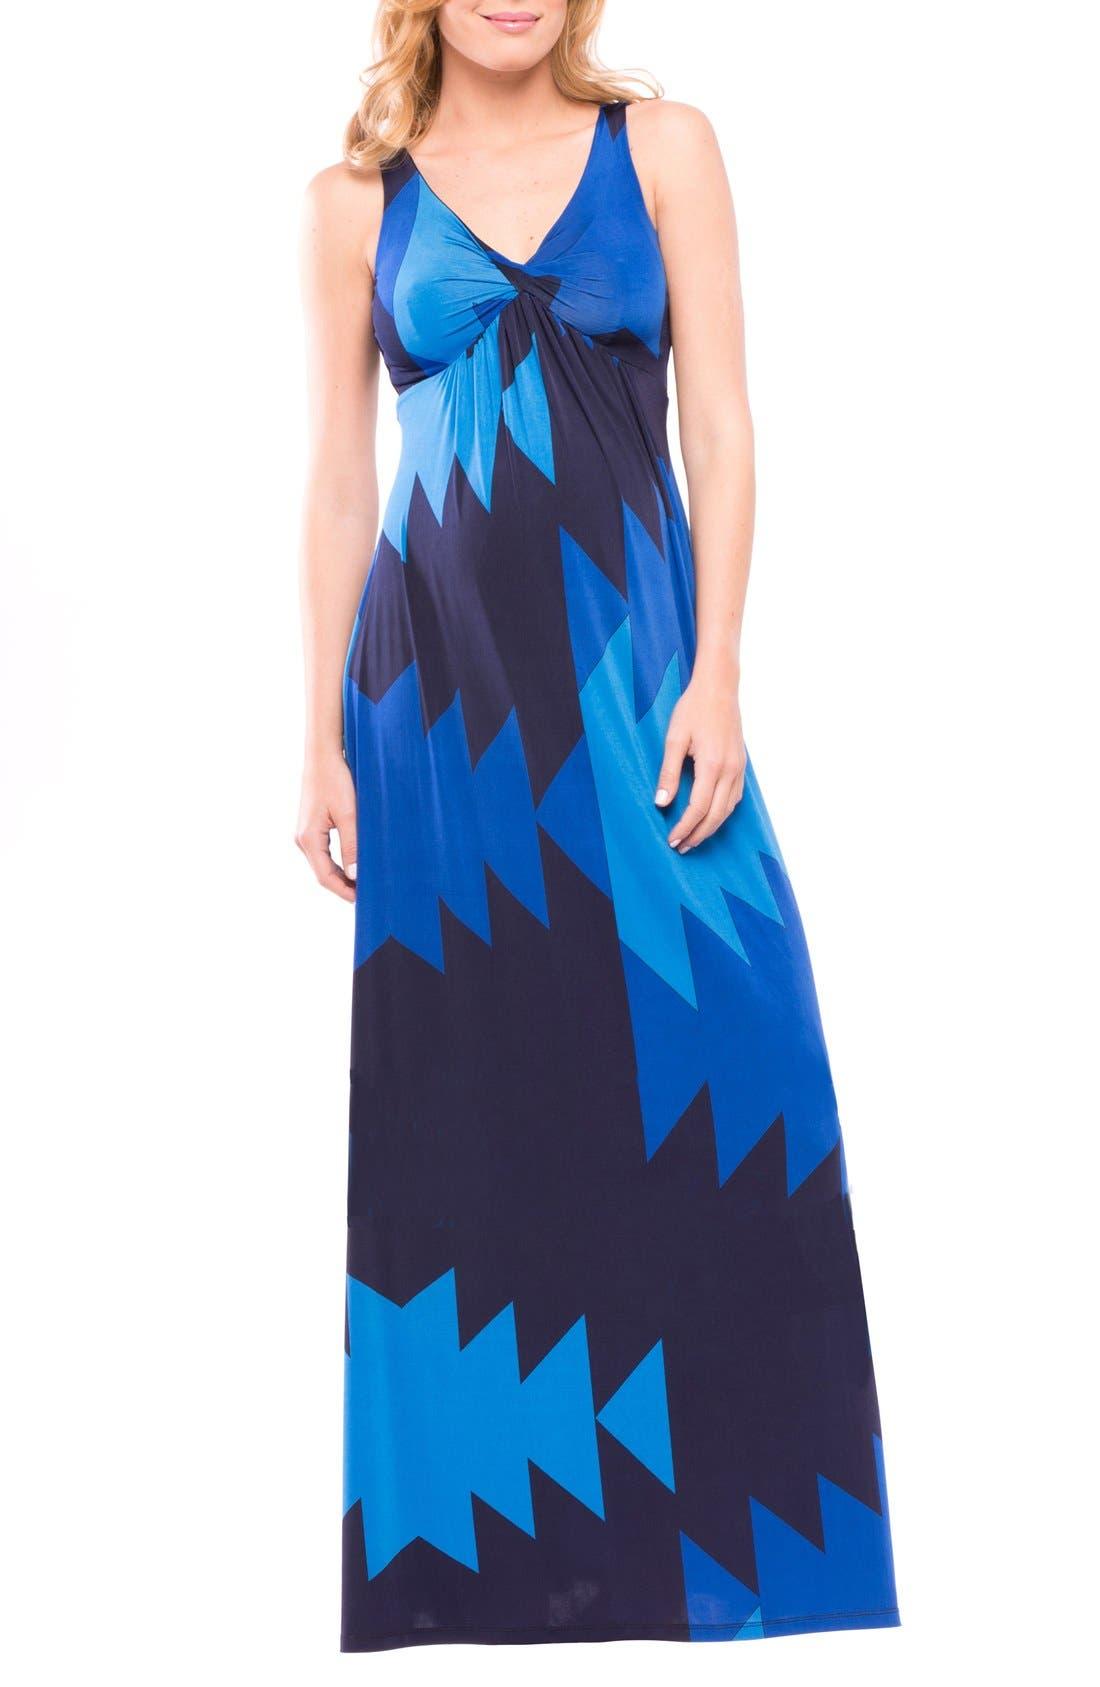 Main Image - Olian Olivia Sleeveless Maternity Maxi Dress